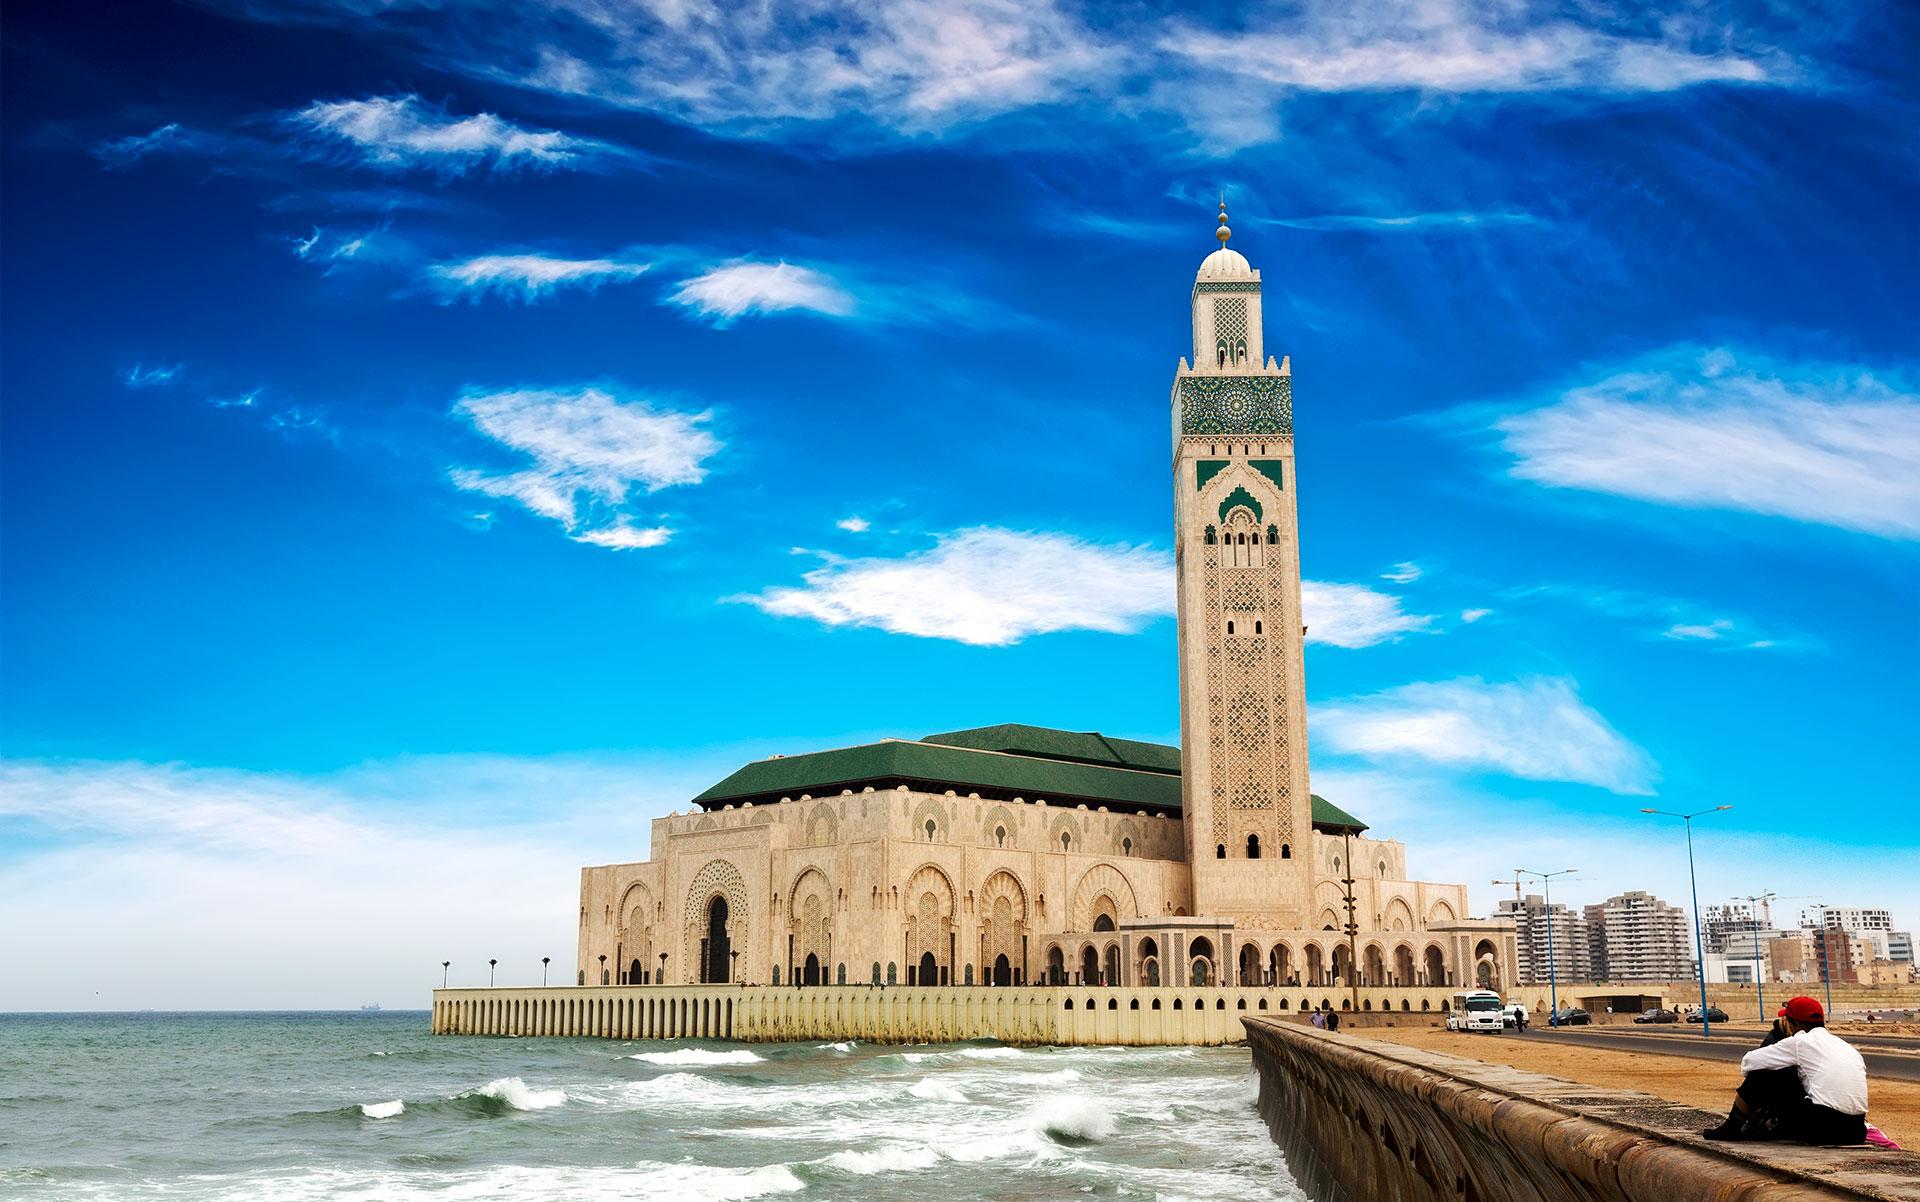 La mezquita de Hasan II es la mezquita más grande de África y tiene el minarete más alto del mundo con 210 m de altura. Fue construido en 1993